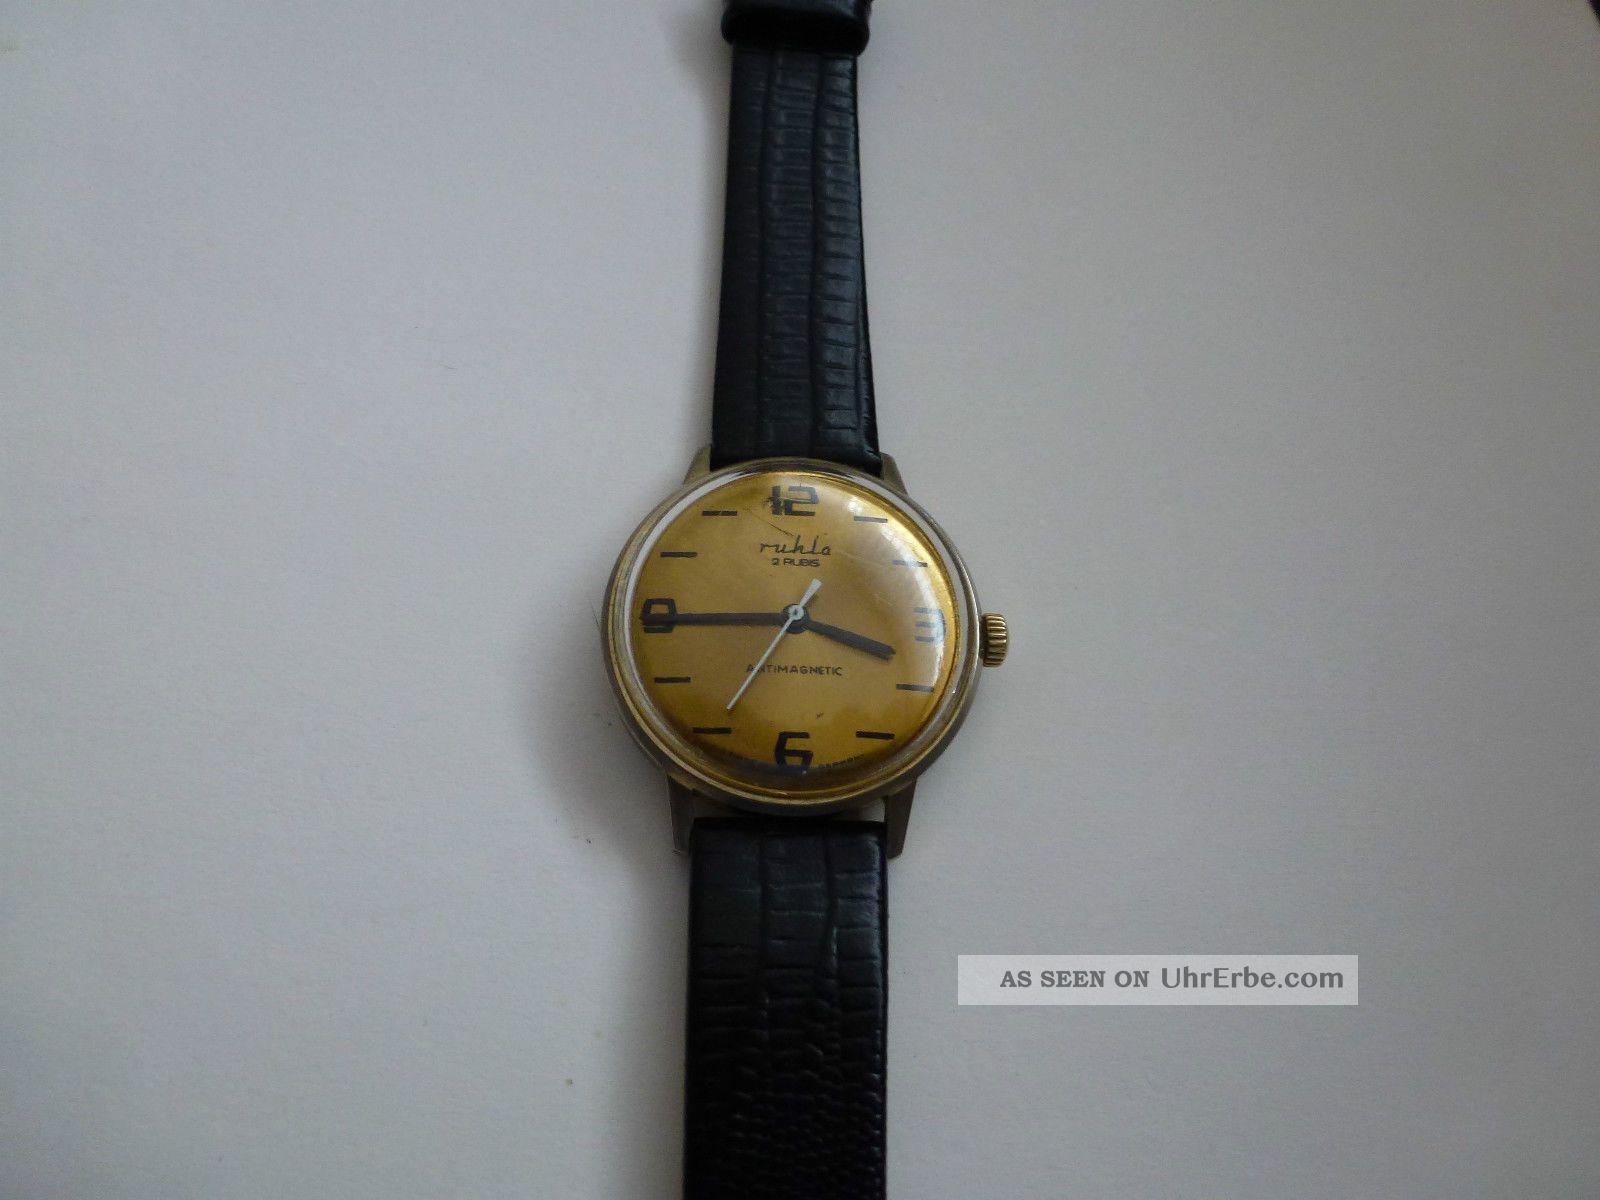 Hau Ruhla 2 Rubis Kult Uhr Aus Der Ddr,  70er.  Selten Armbanduhren Bild